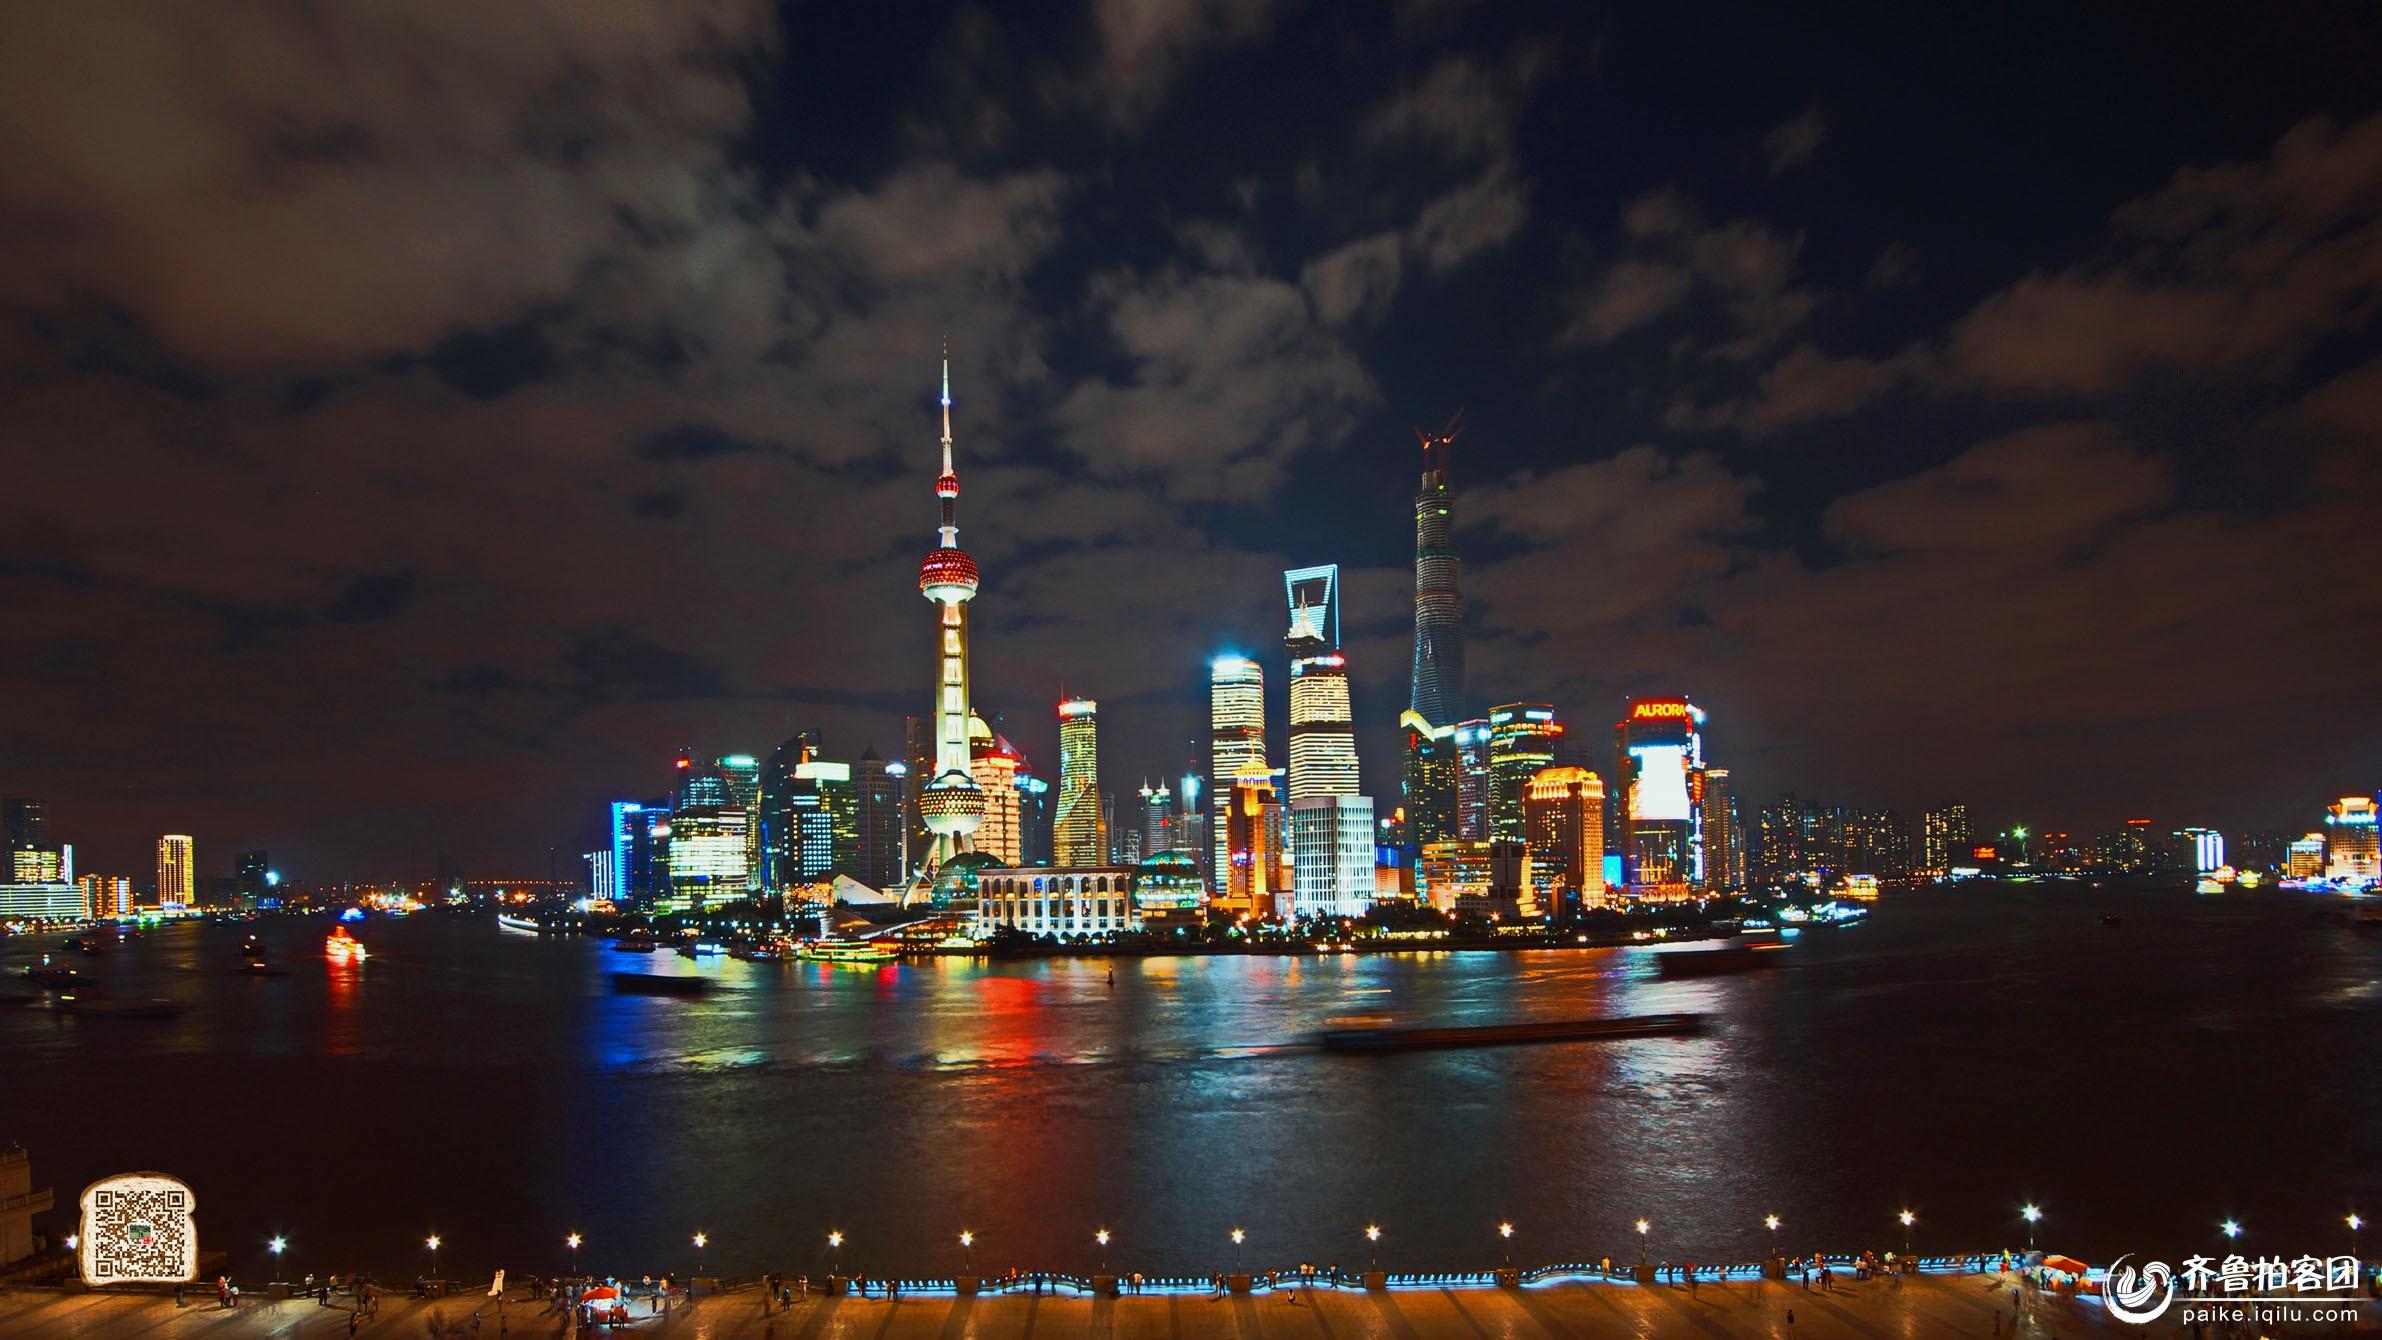 上海东方明珠照片上海夜景东方明珠上海东方明珠图片